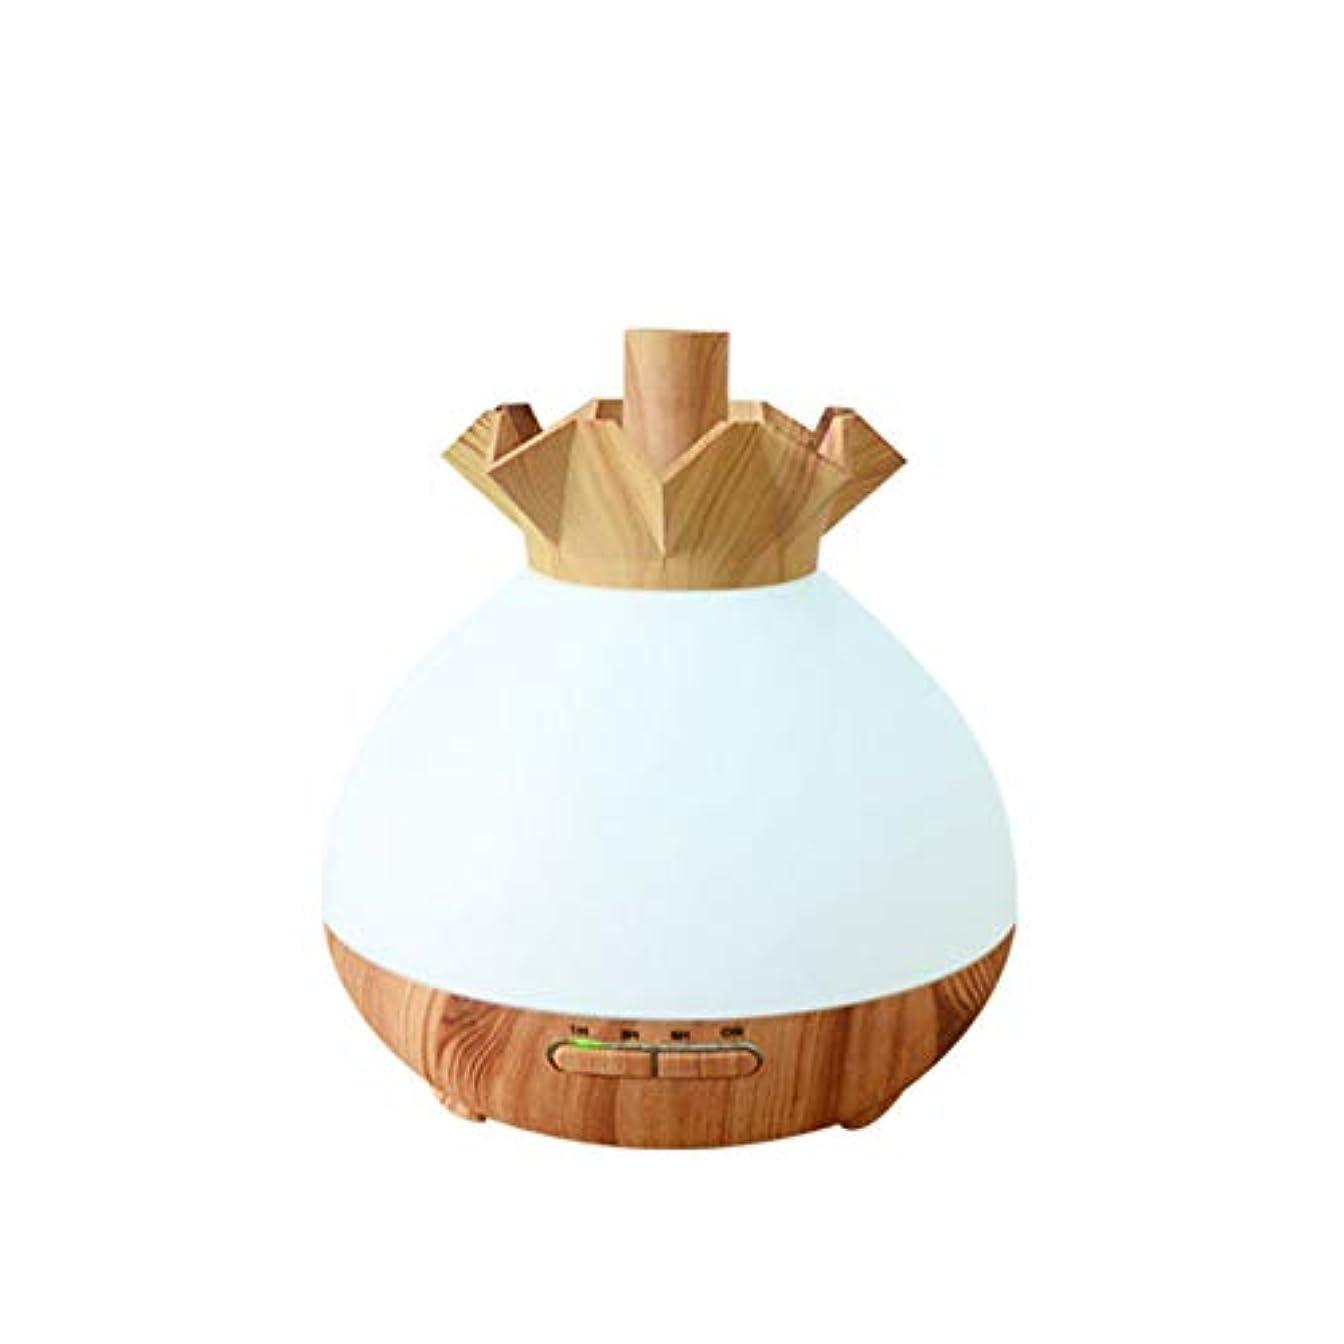 不機嫌そうなしおれた慣らすWifiアプリコントロール 涼しい霧 加湿器,7 色 木目 空気を浄化 加湿機 プレミアム サイレント 精油 ディフューザー アロマネブライザー ベッド- 400ml